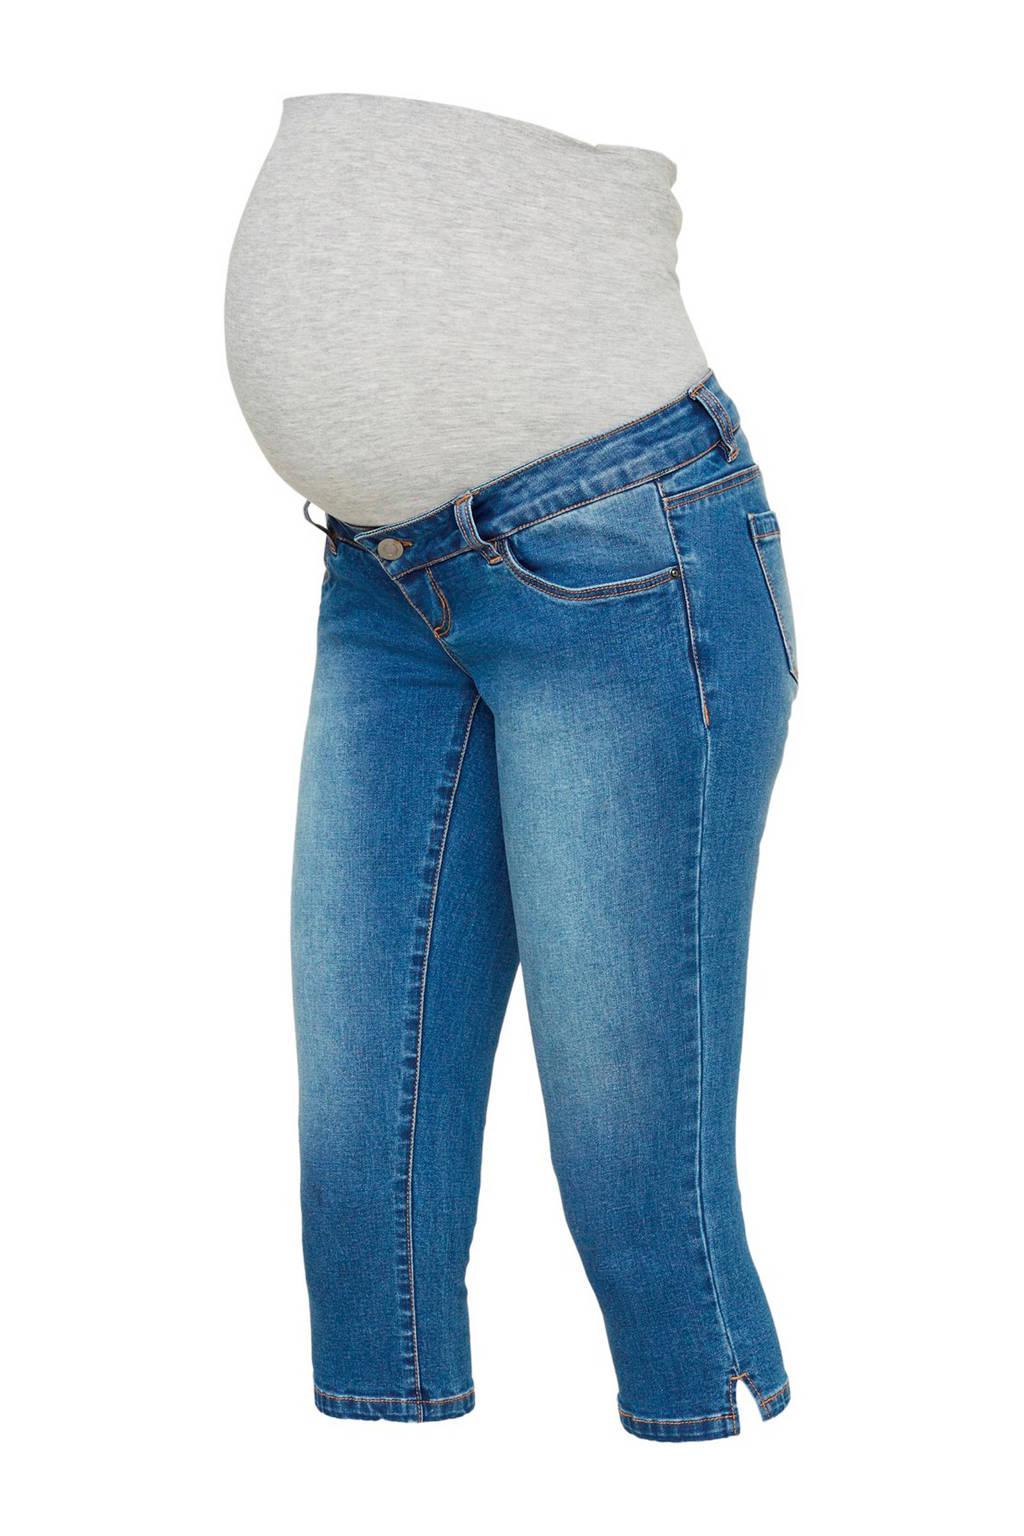 MAMA-LICIOUS low waist slim fit zwangerschapscapri lichtblauw, Lichtblauw